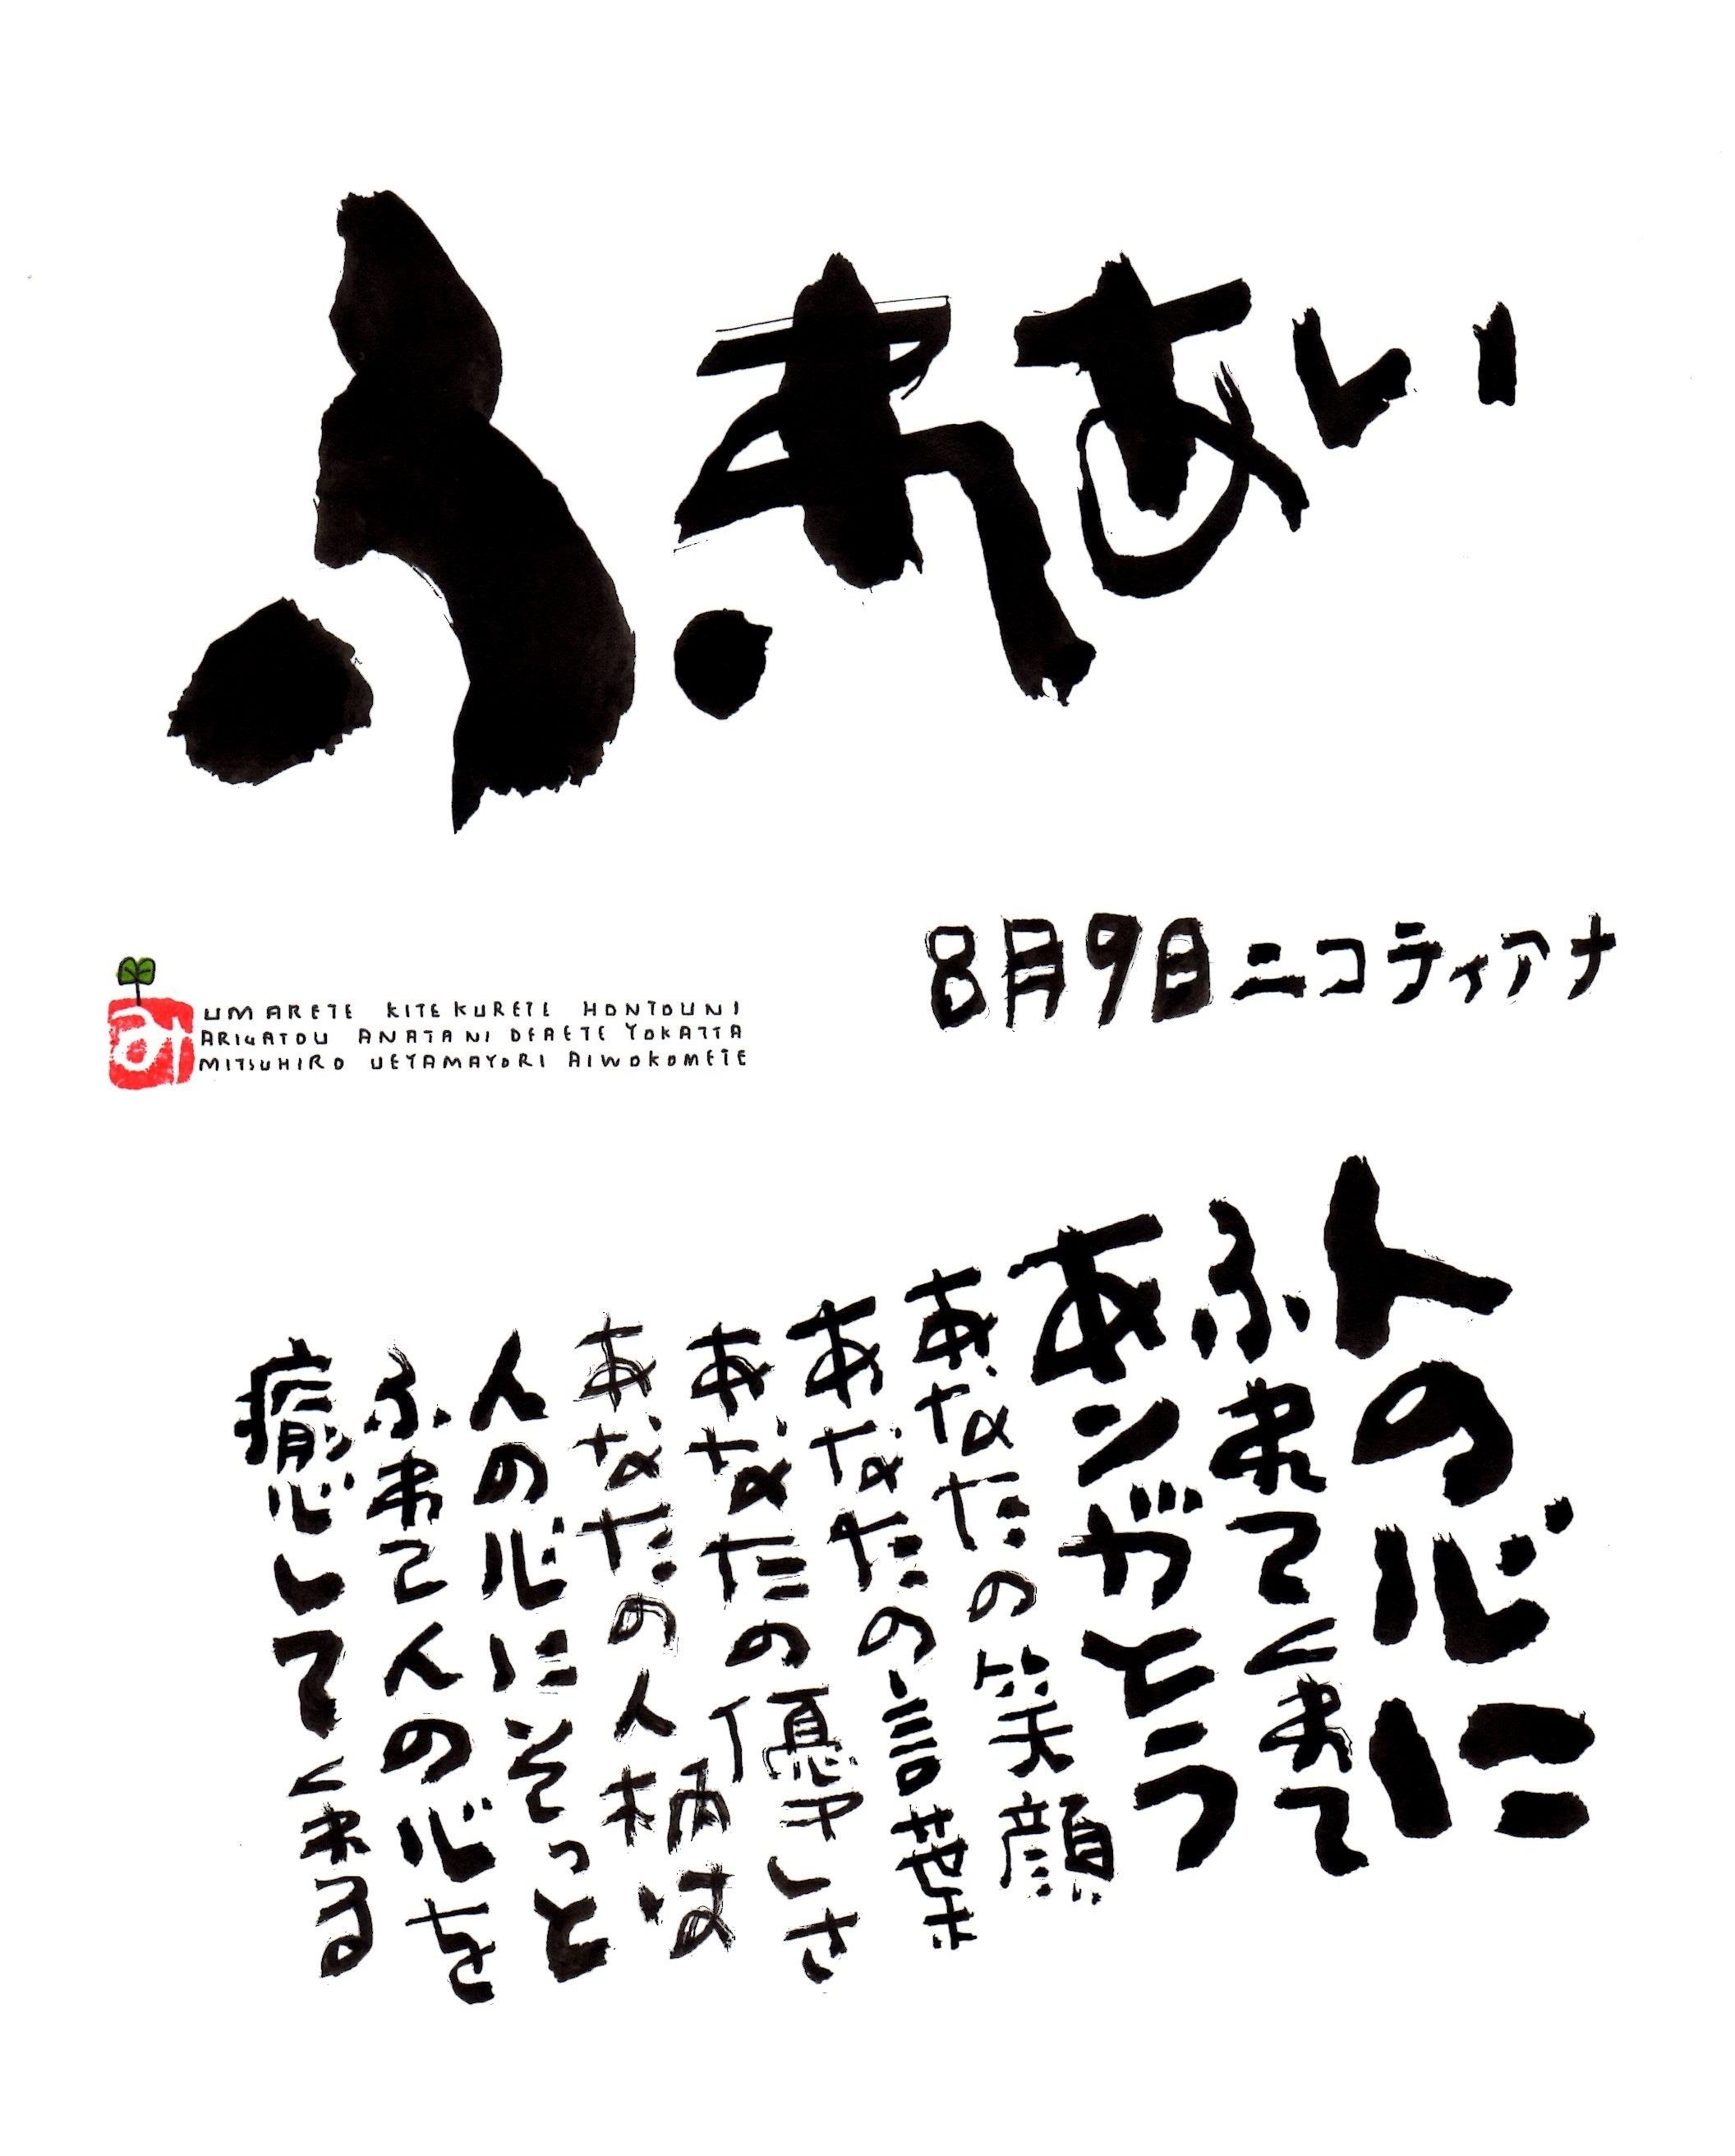 8月9日 誕生日ポストカード【ふれあい】Contact